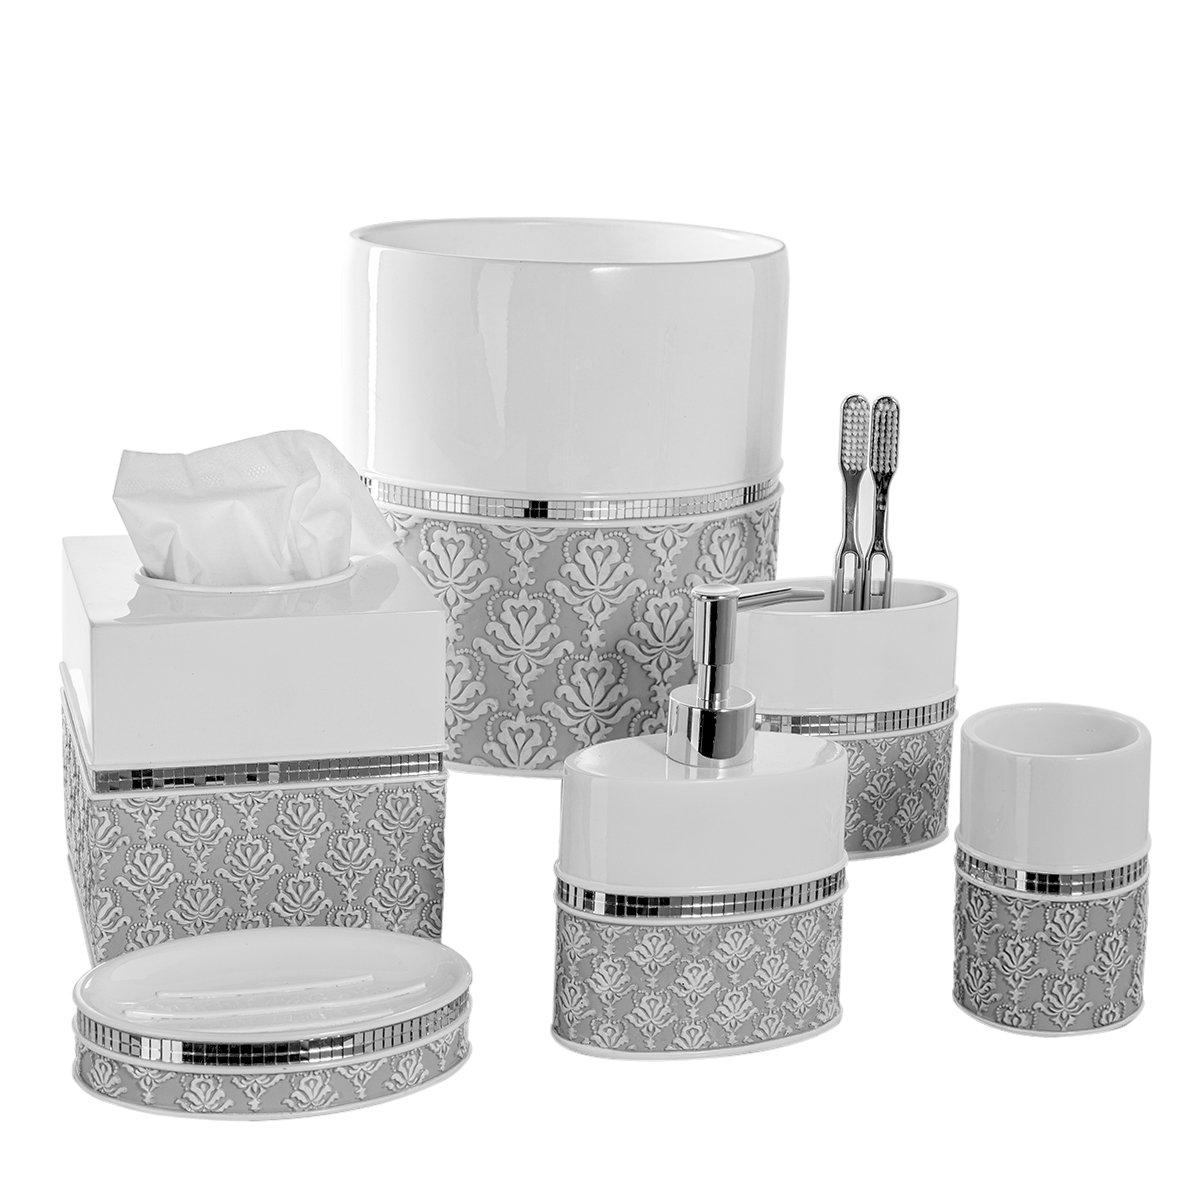 Amazon.com: Creative Scents Mirror Damask 6-piece Bathroom Accessory ...